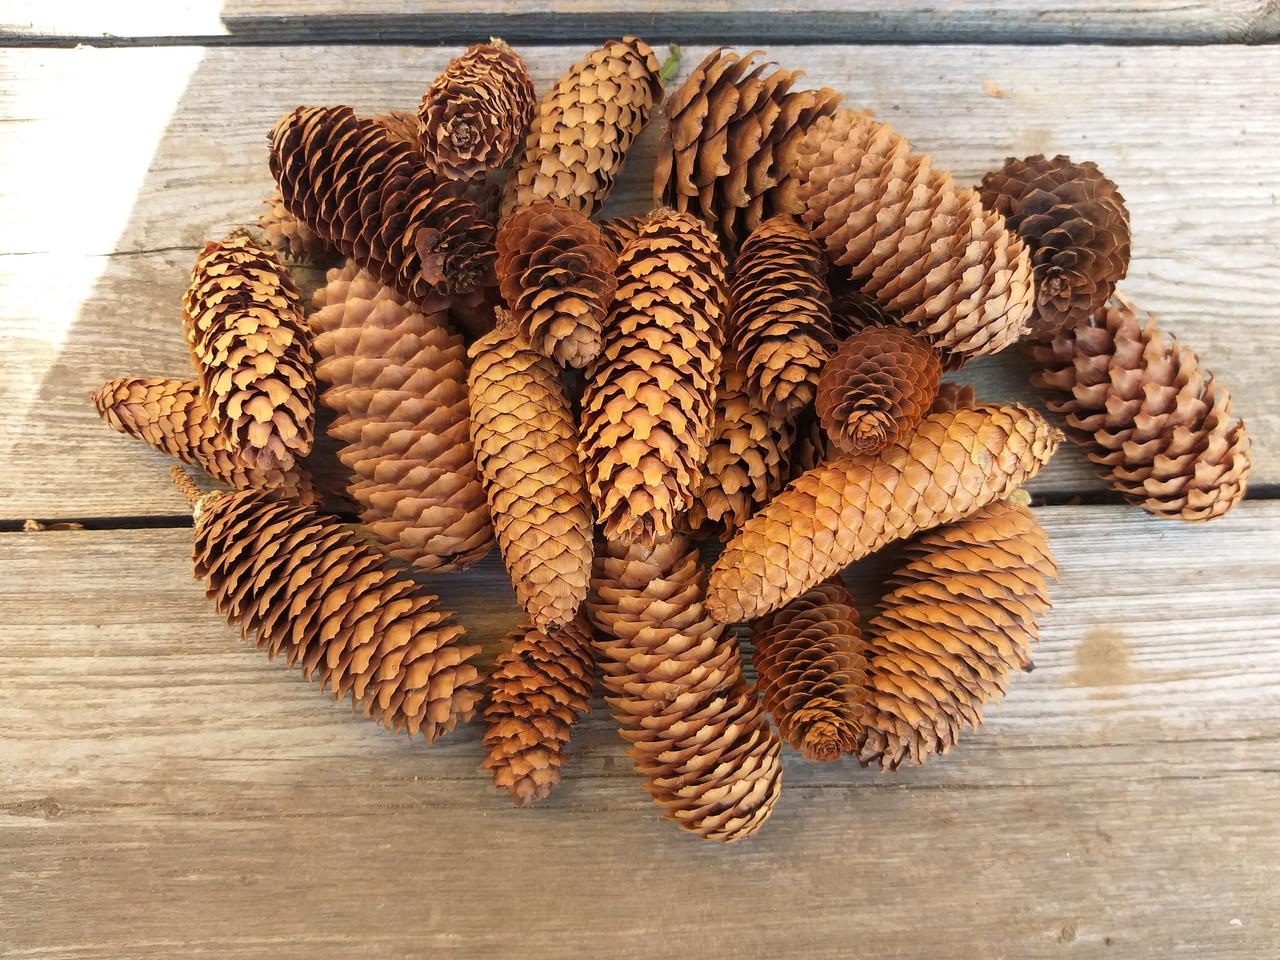 Шишки ели натуральные маленькие размер ок.5 см, 25 шт, 50 грн